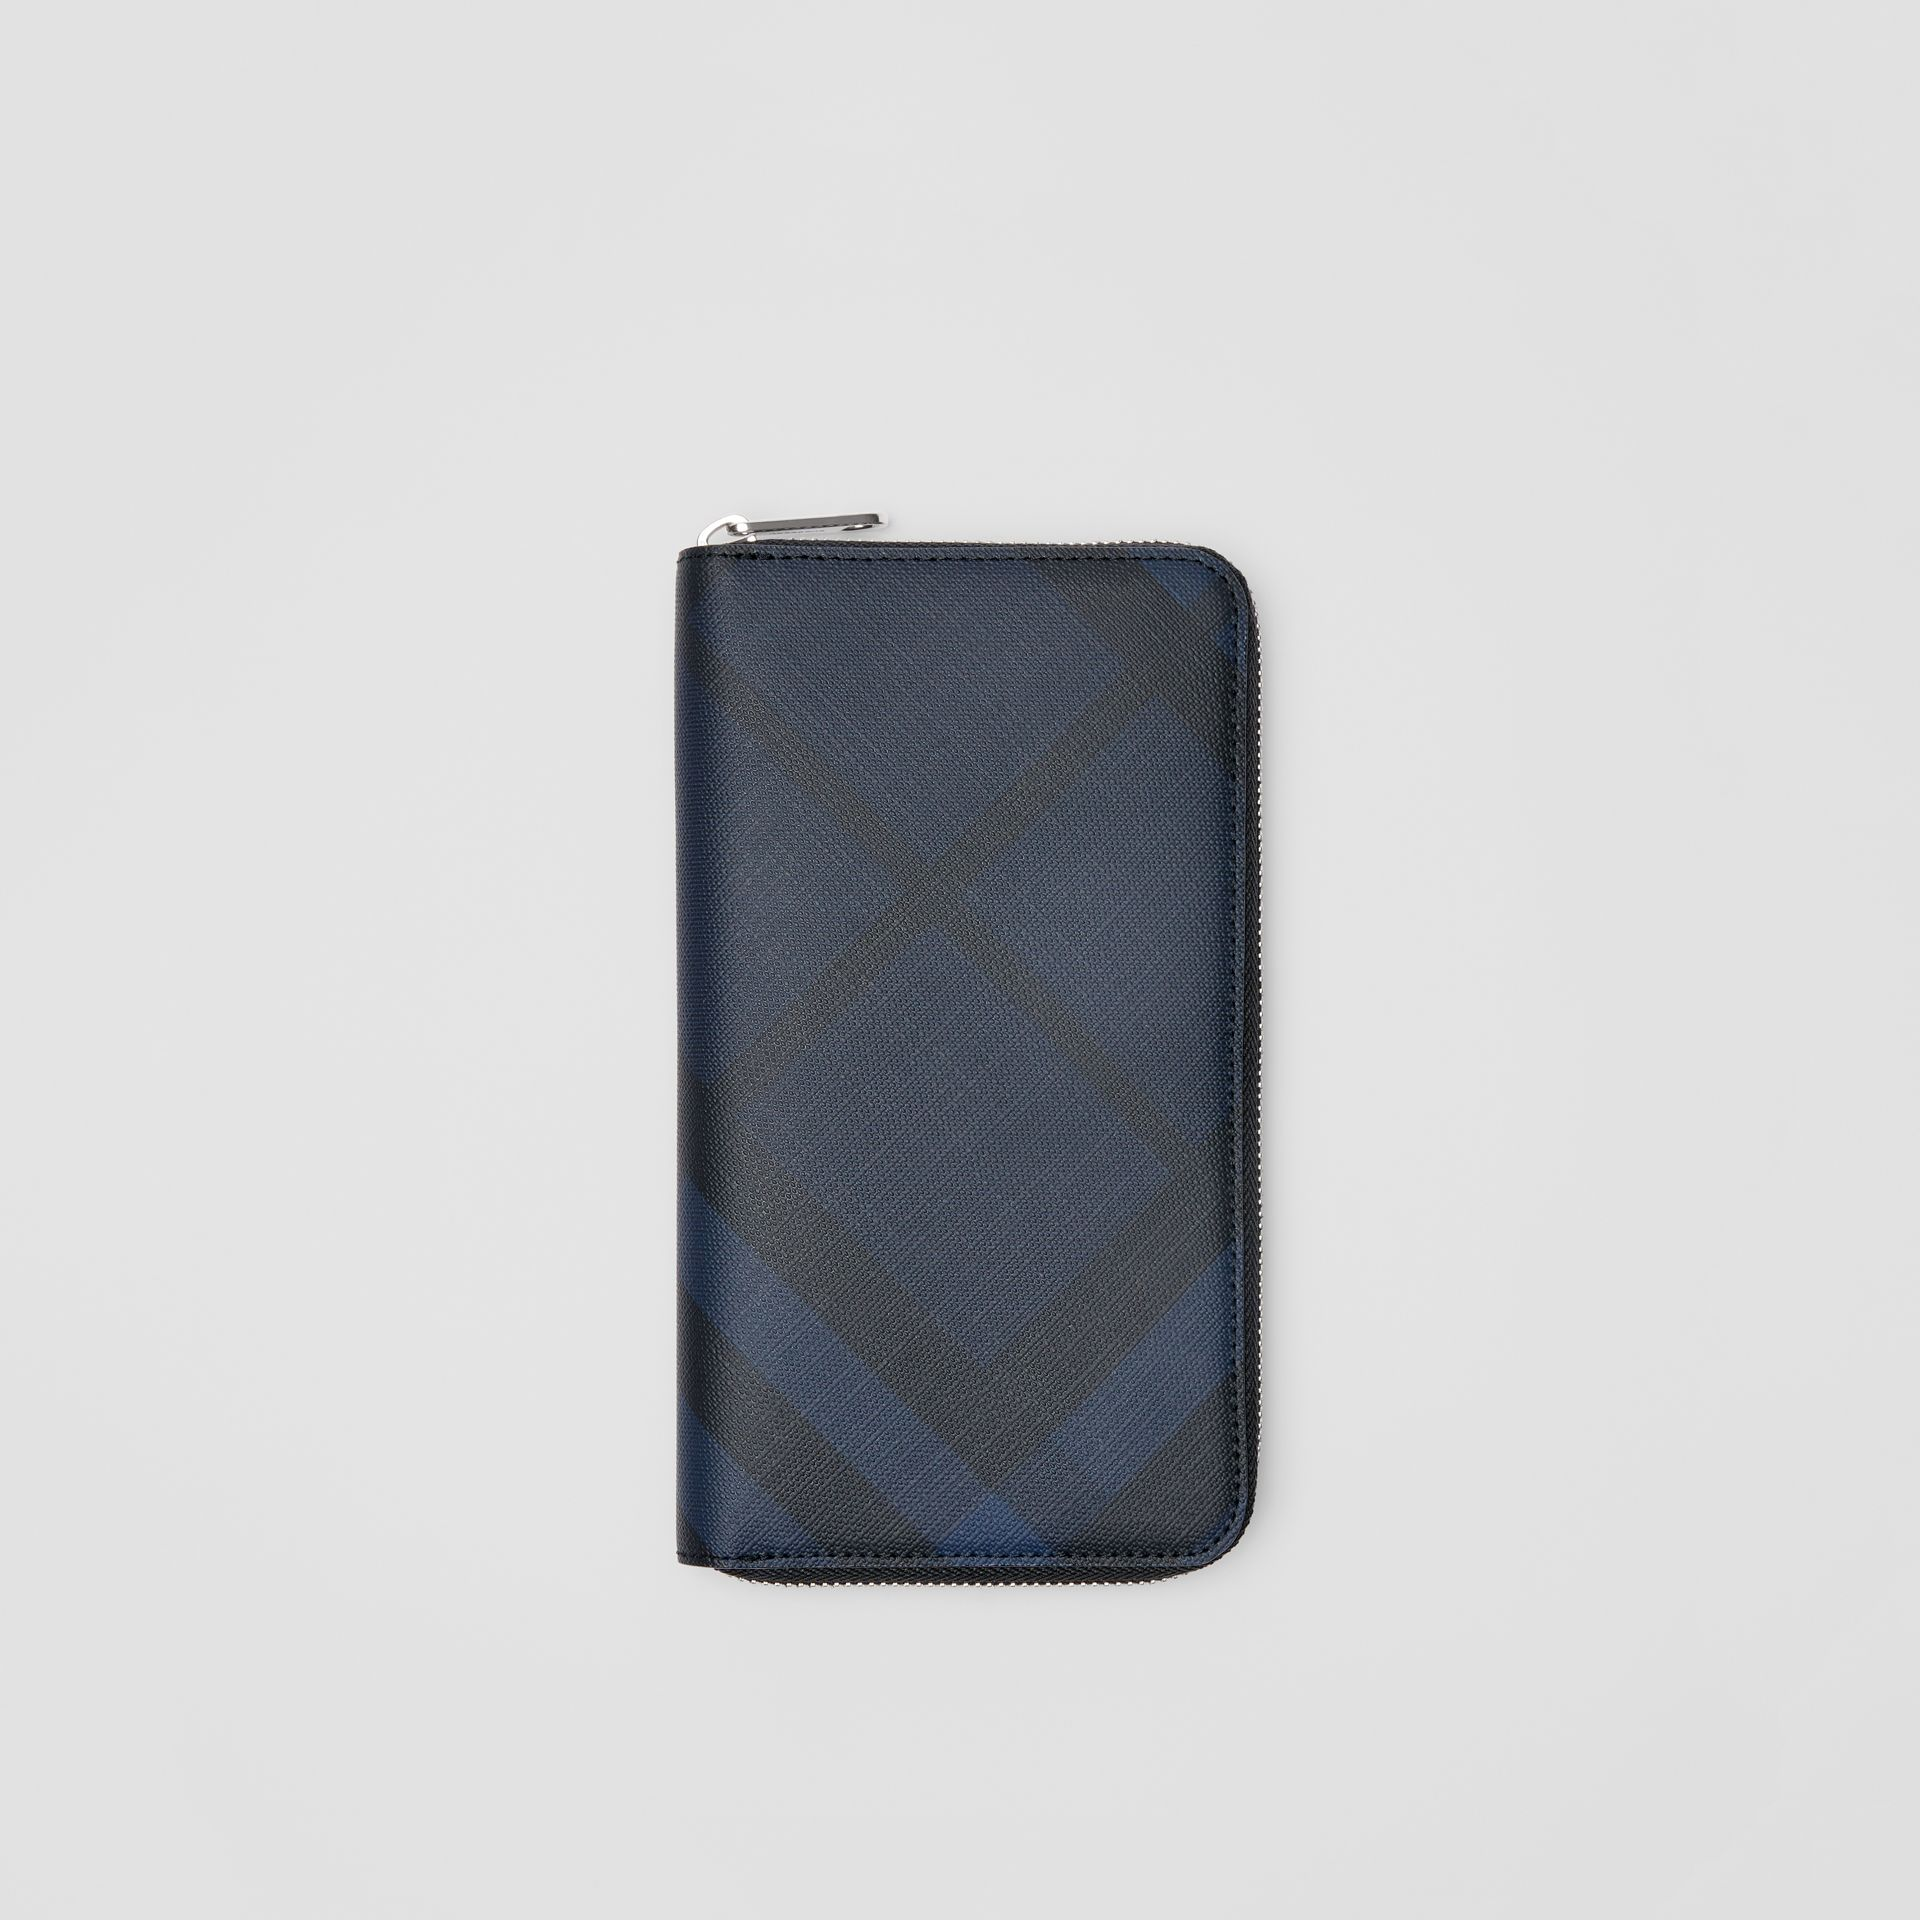 ロンドンチェック&レザー ラウンドジップウォレット (ネイビー/ブラック) - メンズ | バーバリー - ギャラリーイメージ 0